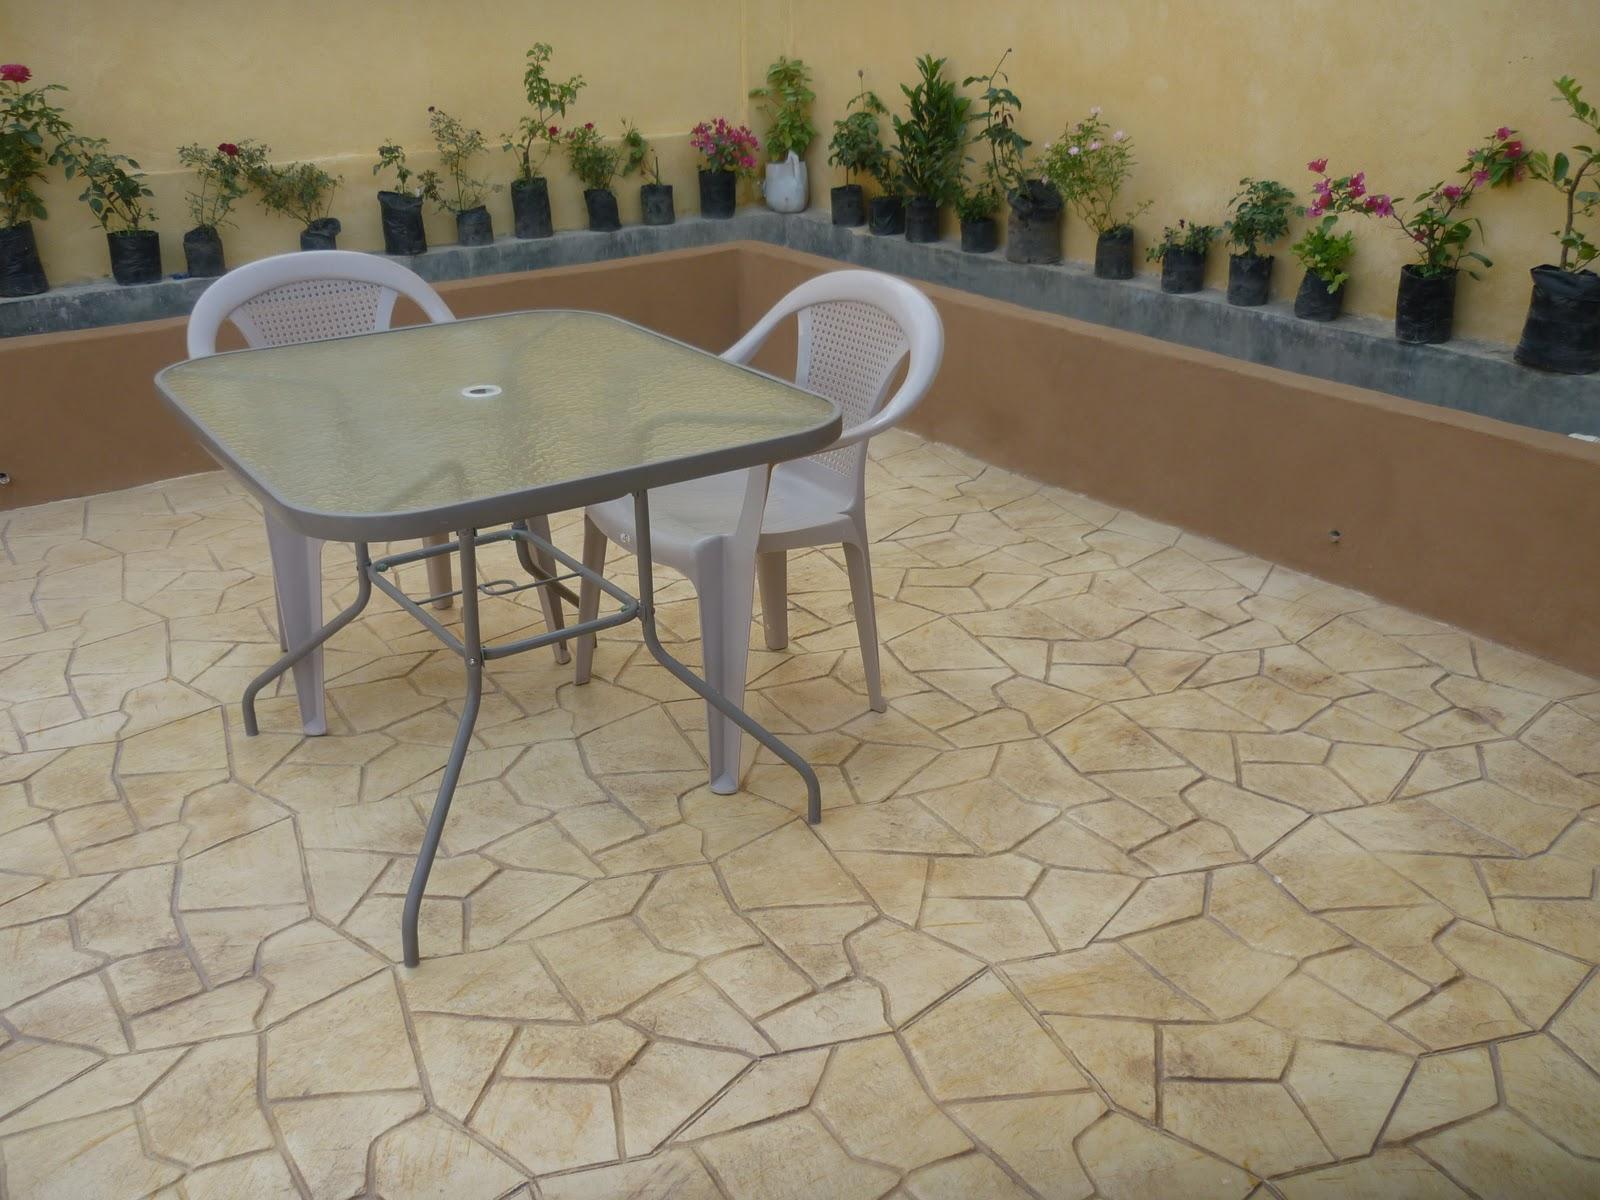 Soluciones para pisos bienvenidos a soluciones para pisos for Pisos para cocheras y patios